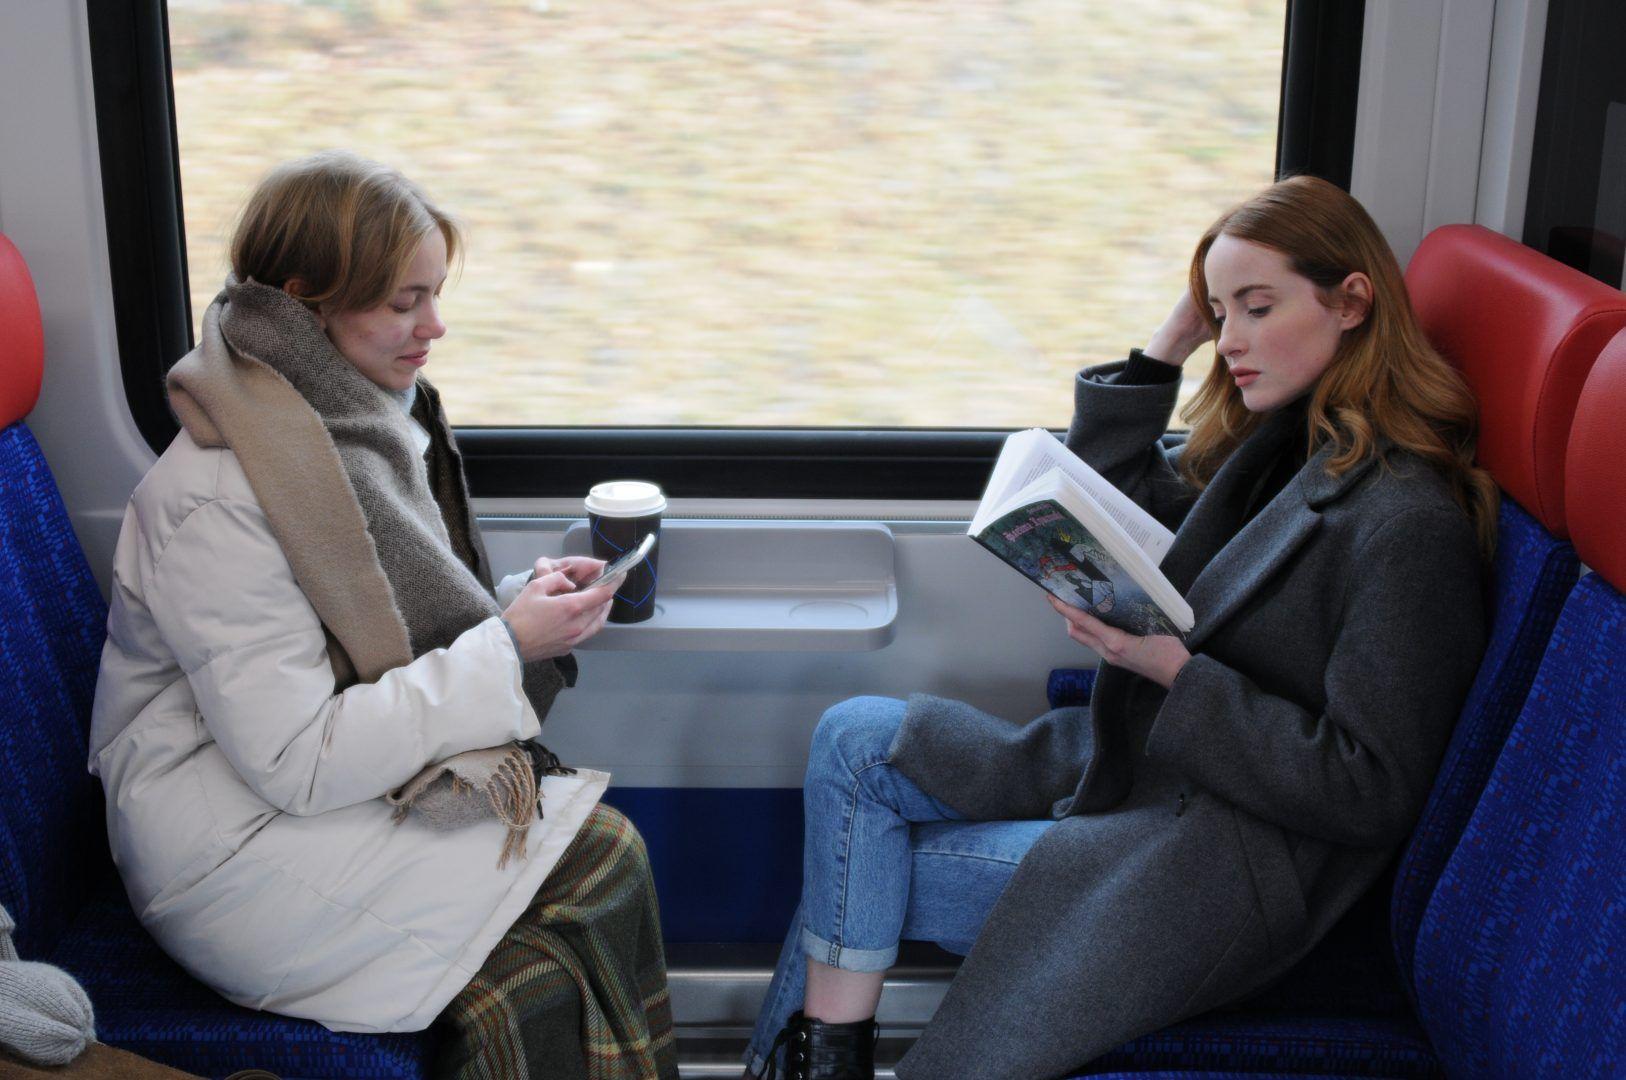 Около 85% пассажиров отметили улучшение качества поездок на МЦД.Фото: архив, «Вечерняя Москва»